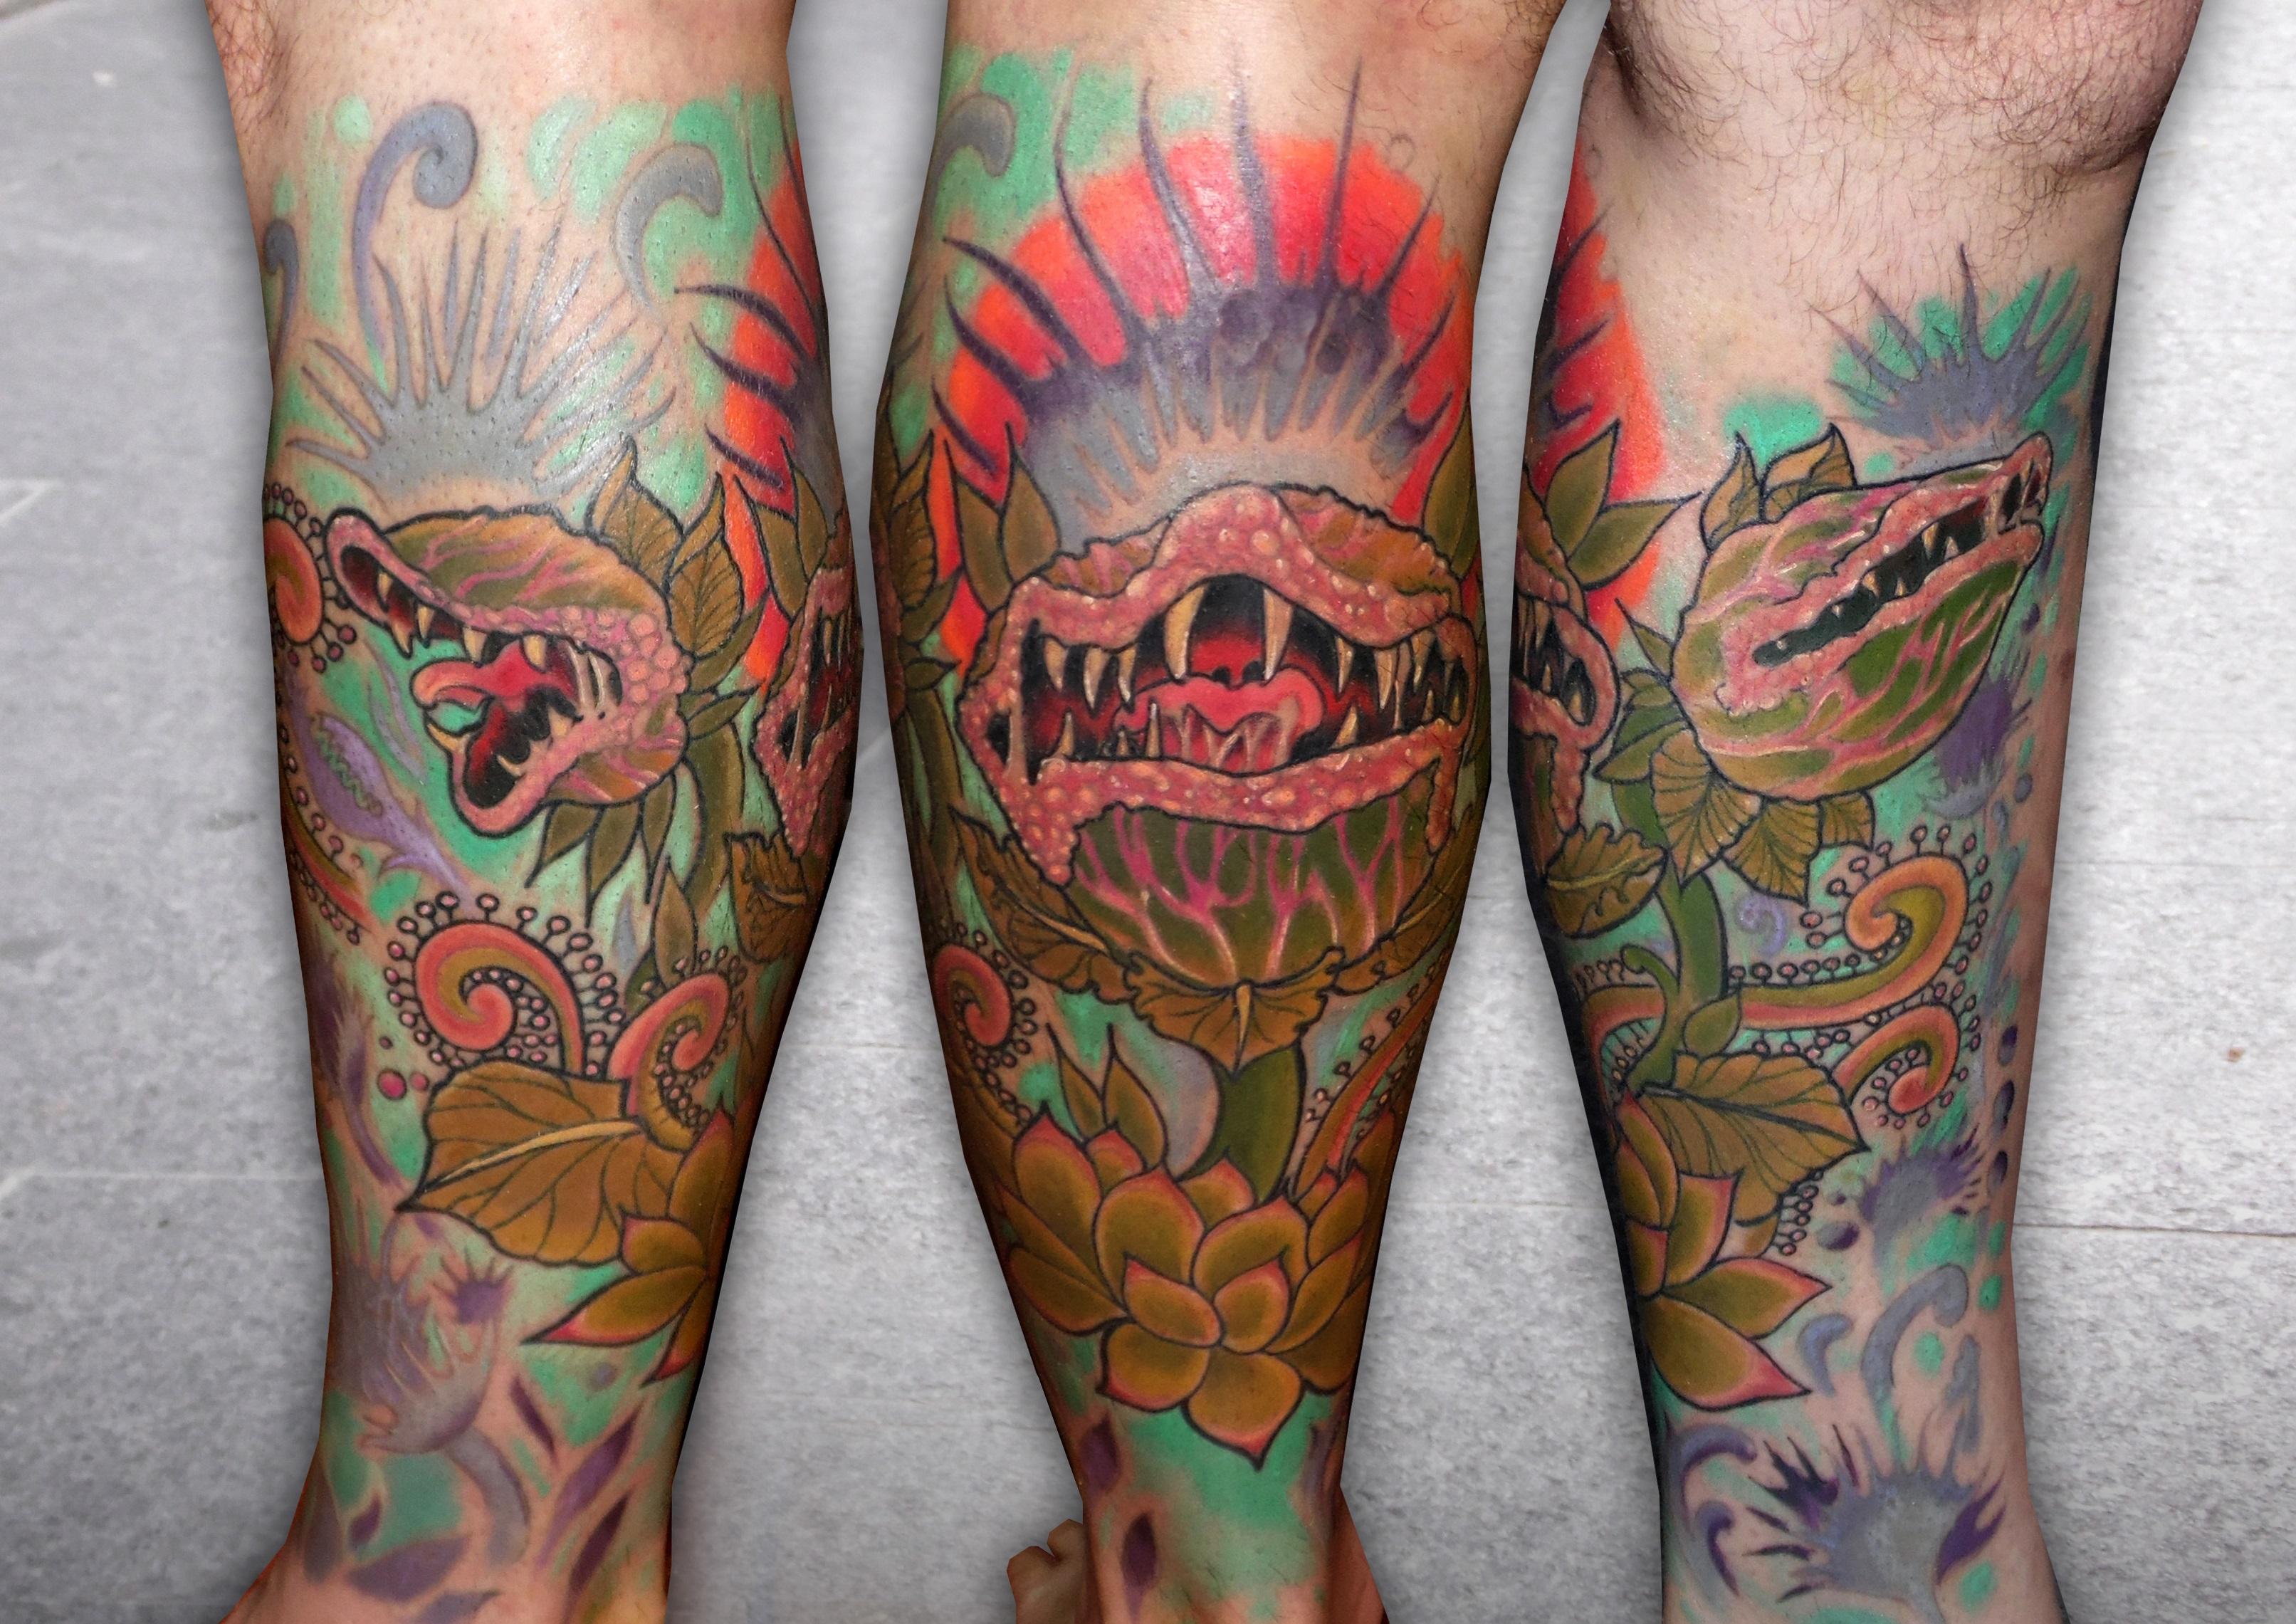 tatuaje tattoo planta carnivora comic color pierna plantas flores gemelo 13depicas